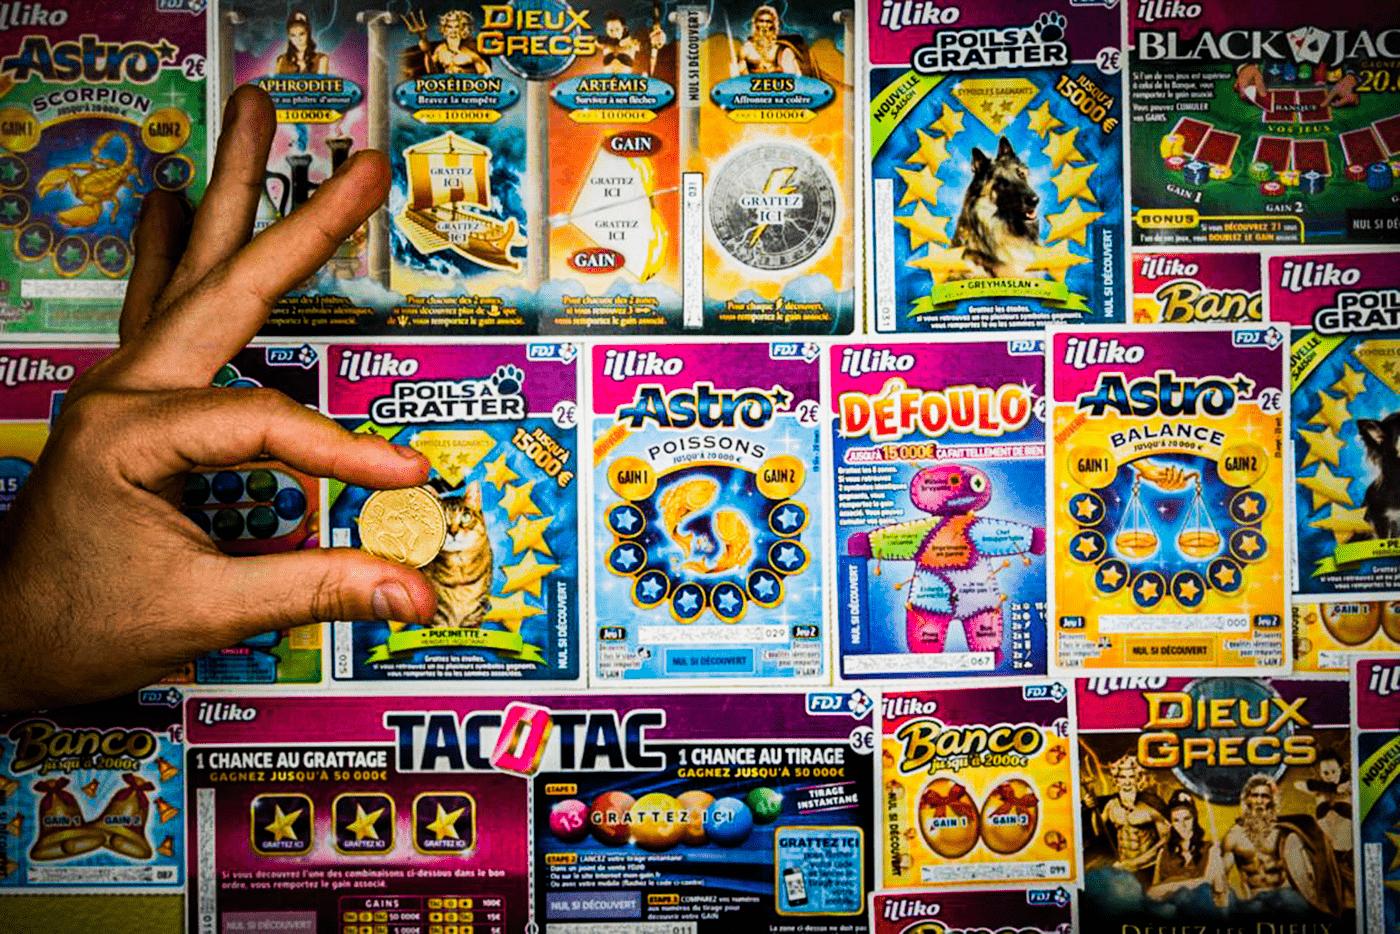 Qui a donc inventé les jeux de grattage devenus iconiques ?